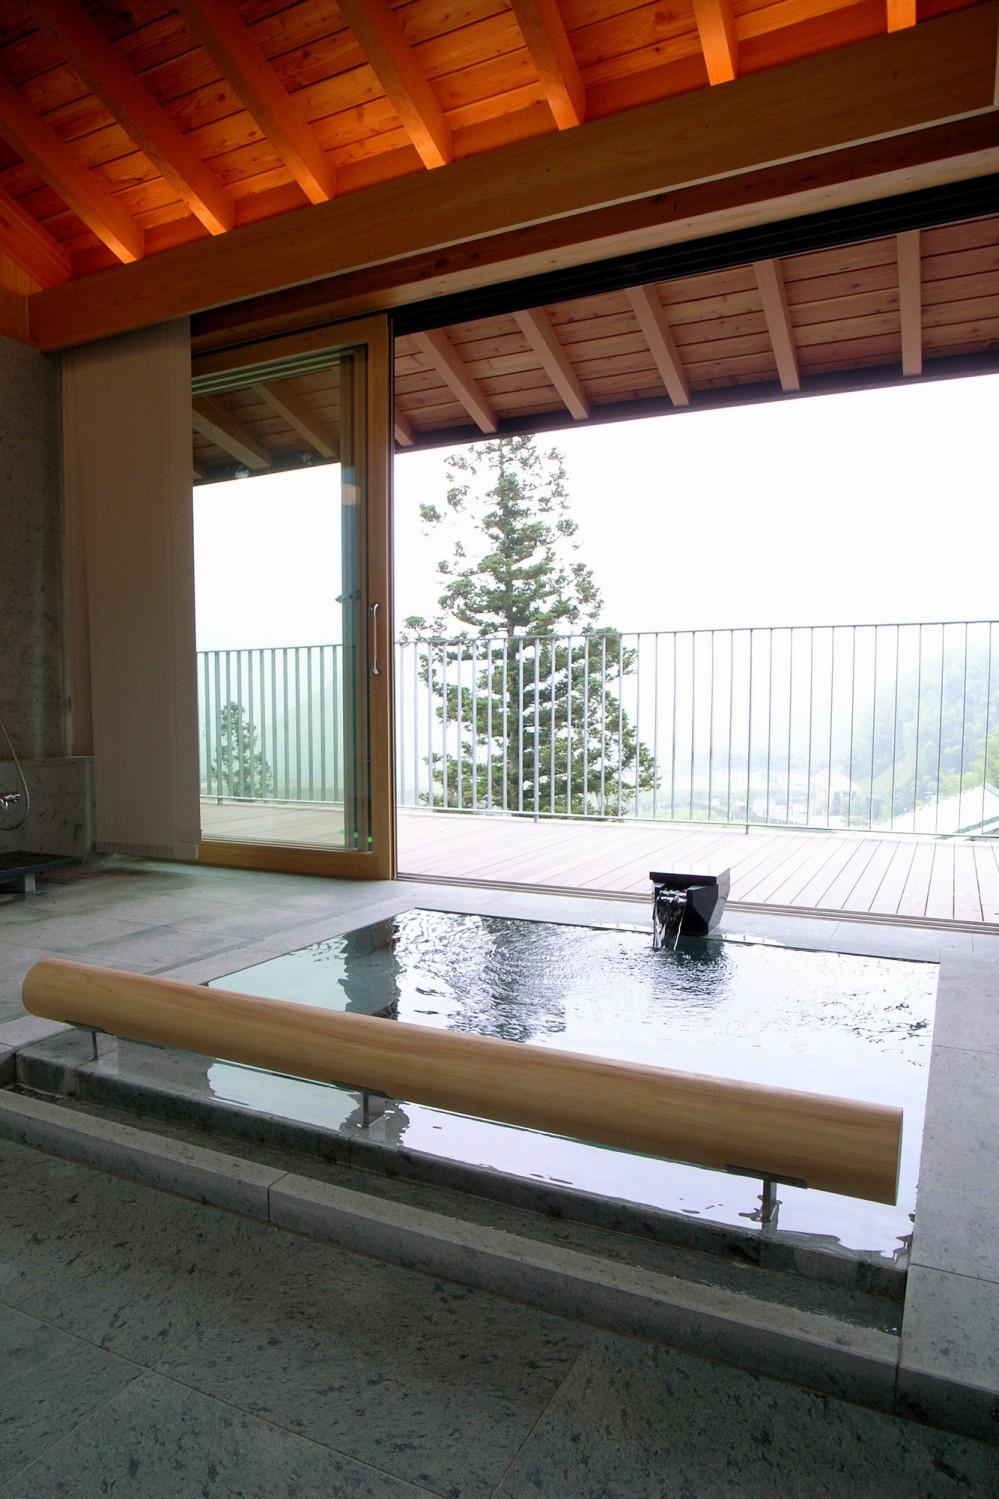 TAPO 富岡建築計画事務所「雷山の別荘 絶景を楽しめる和モダンの別荘」